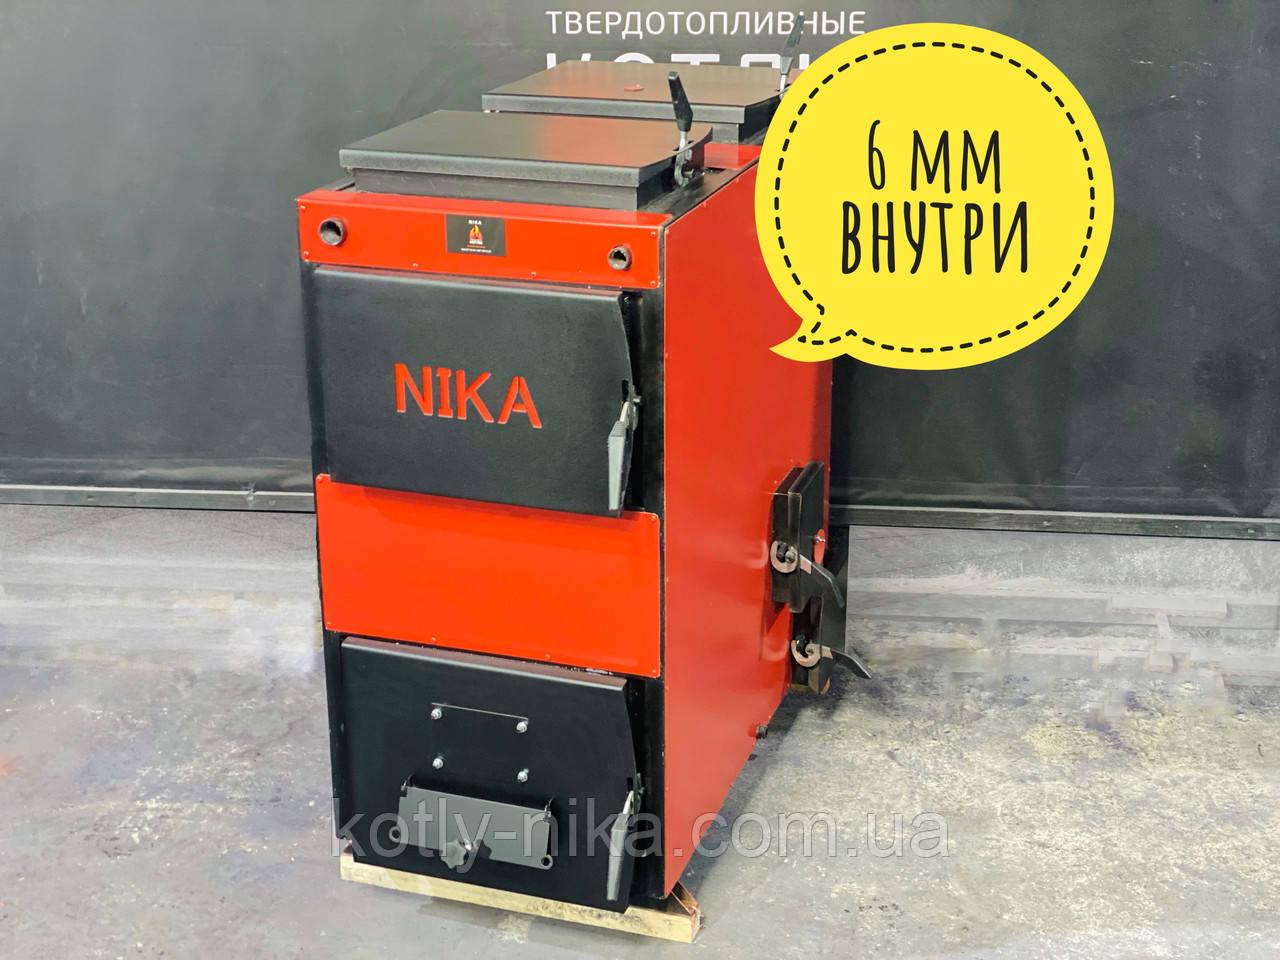 Котел Питон Универсальный 25 кВт МЕТАЛЛ 6 мм